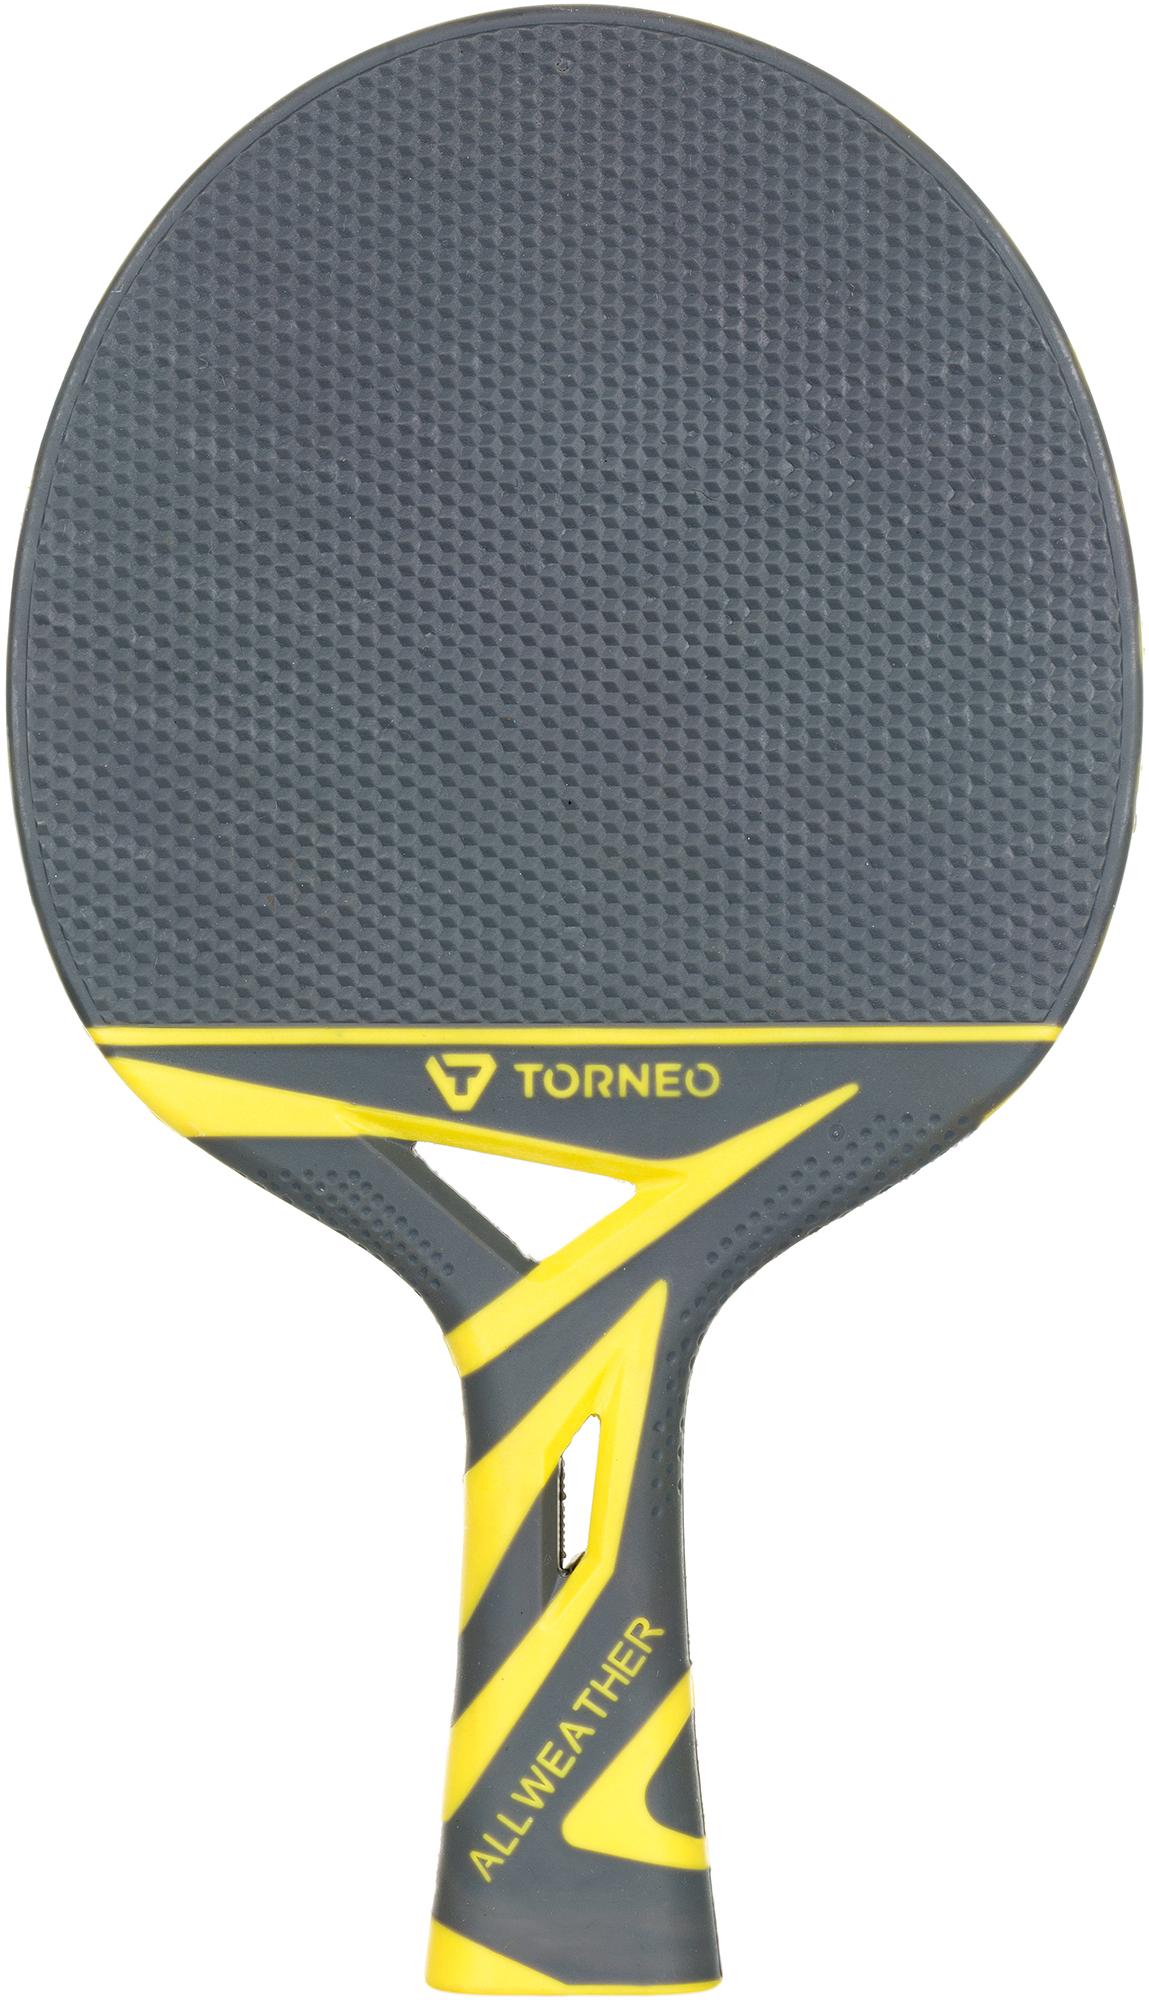 Torneo Ракетка для настольного тенниса Torneo Stormx, размер Без размера цена 2017